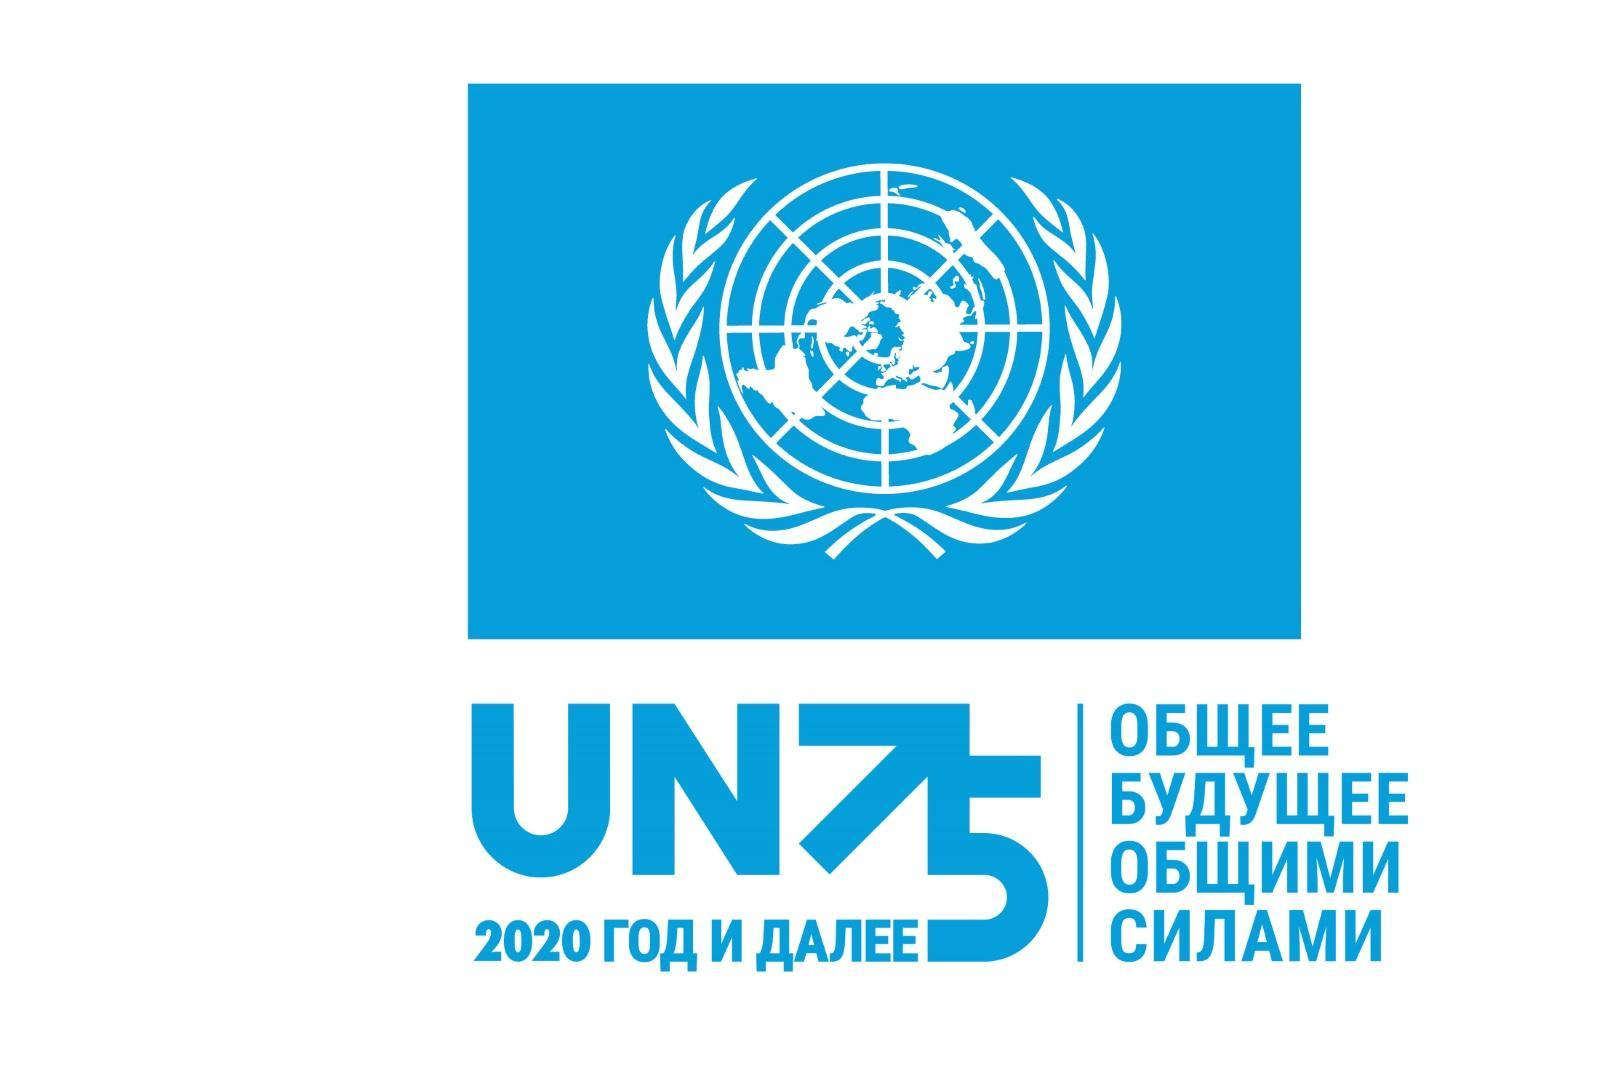 Ольга Алимова поздравила с 75-летием ООН